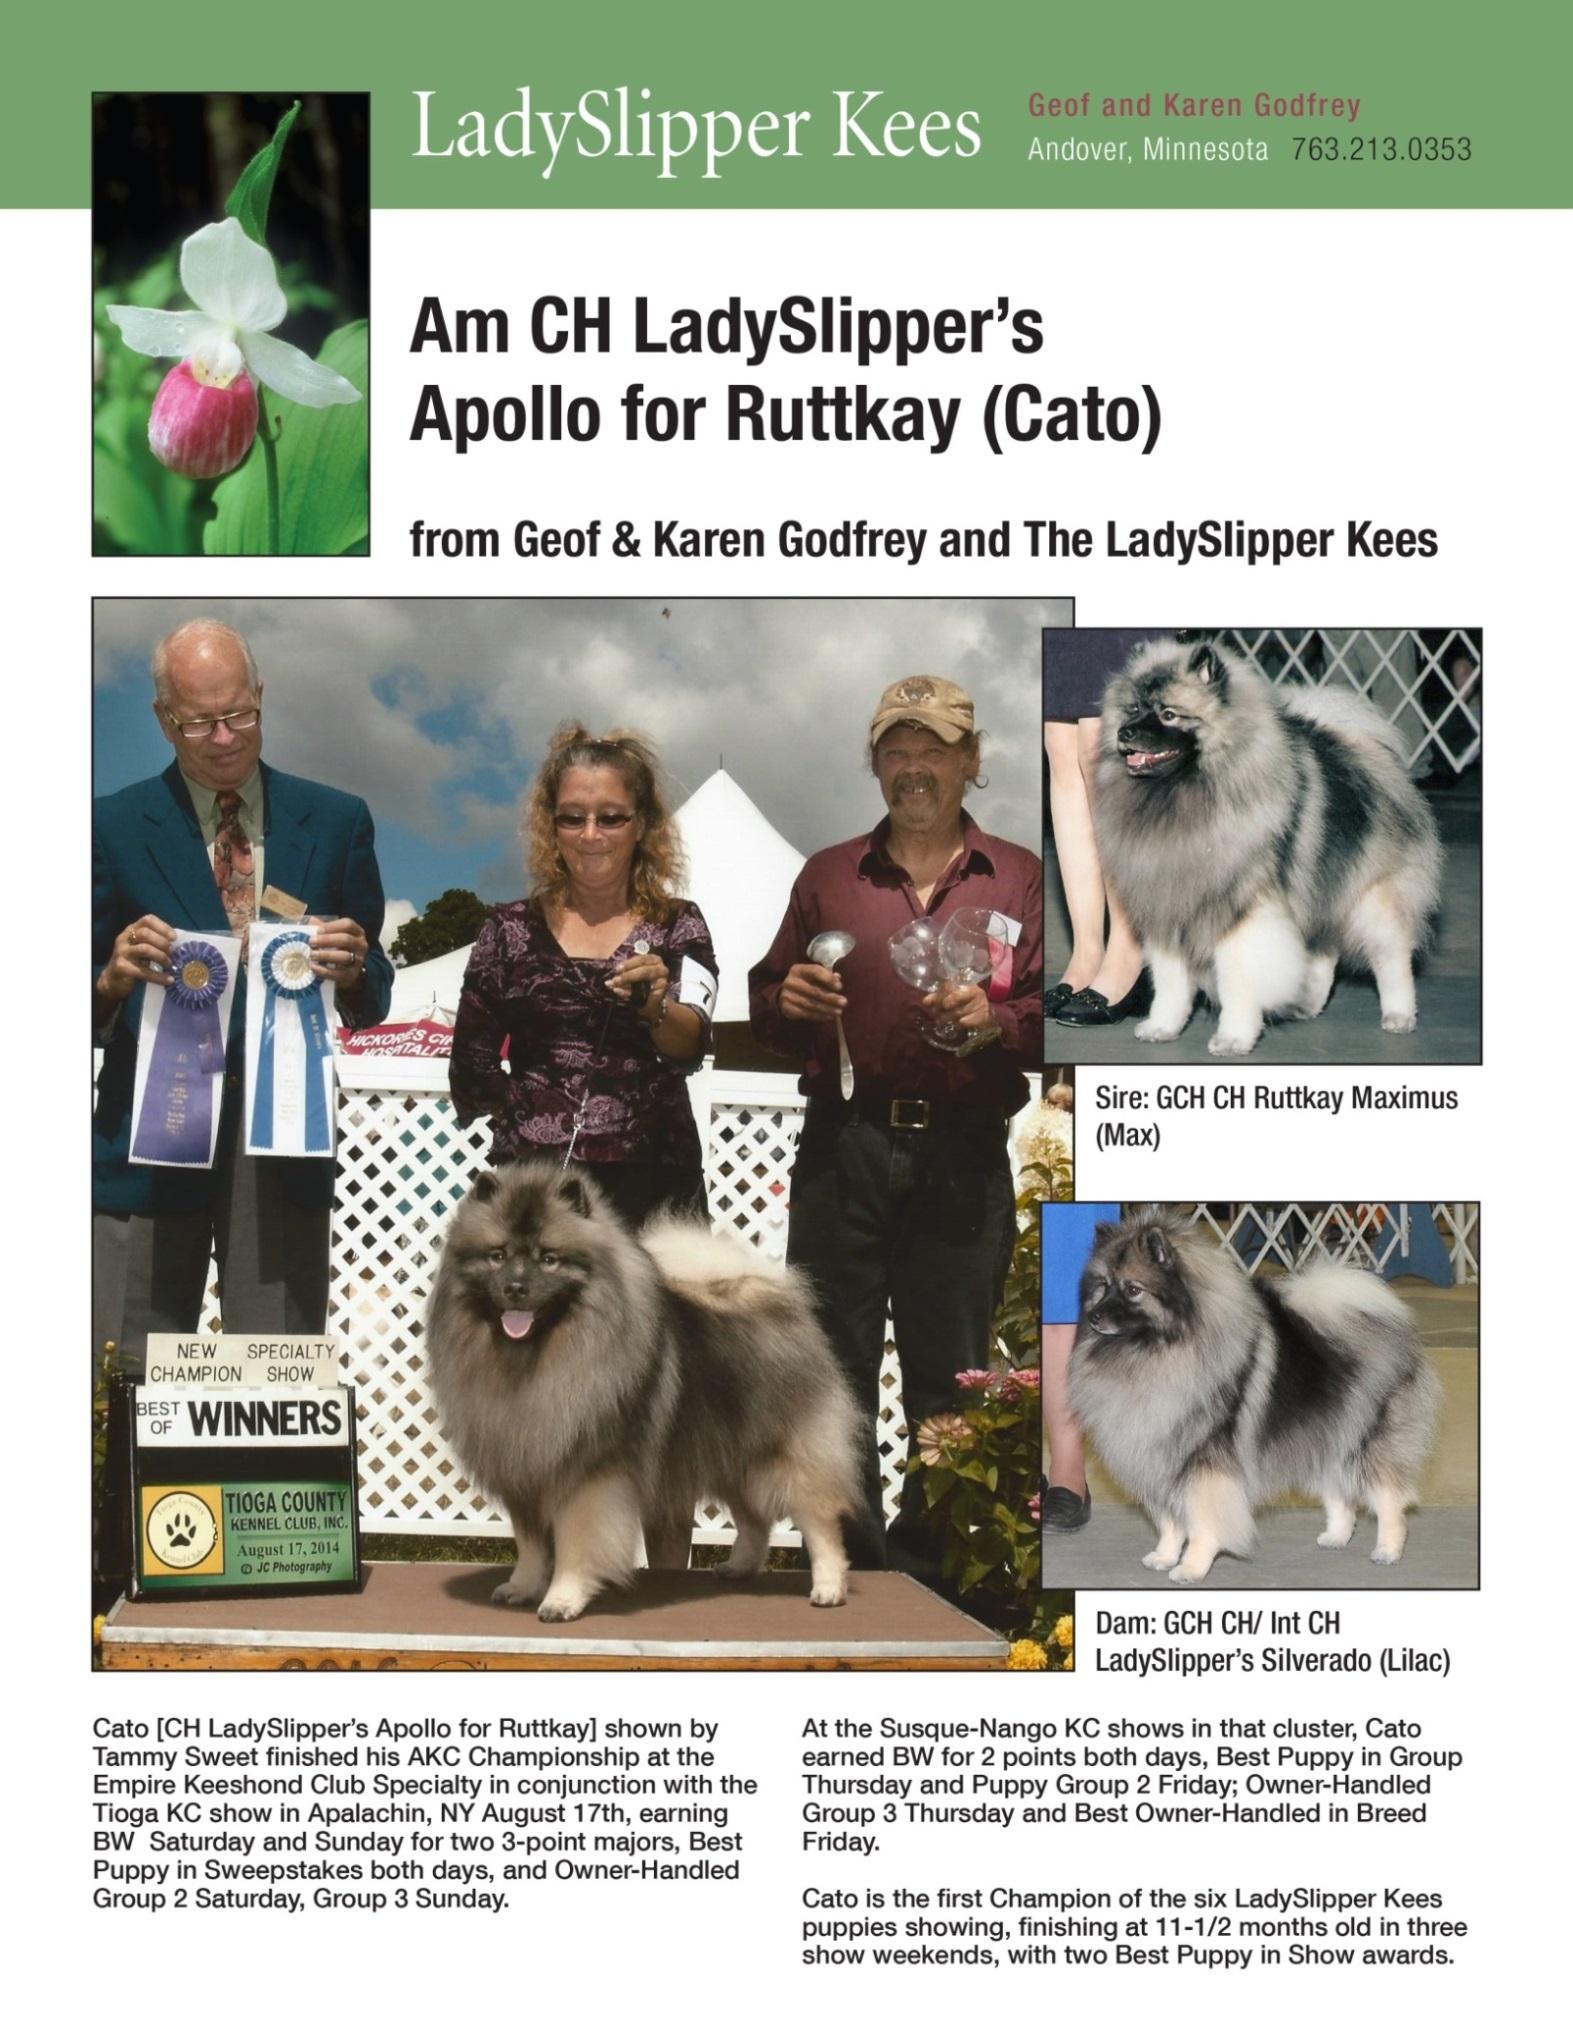 Lady Slipper-K&G Godfrey-2